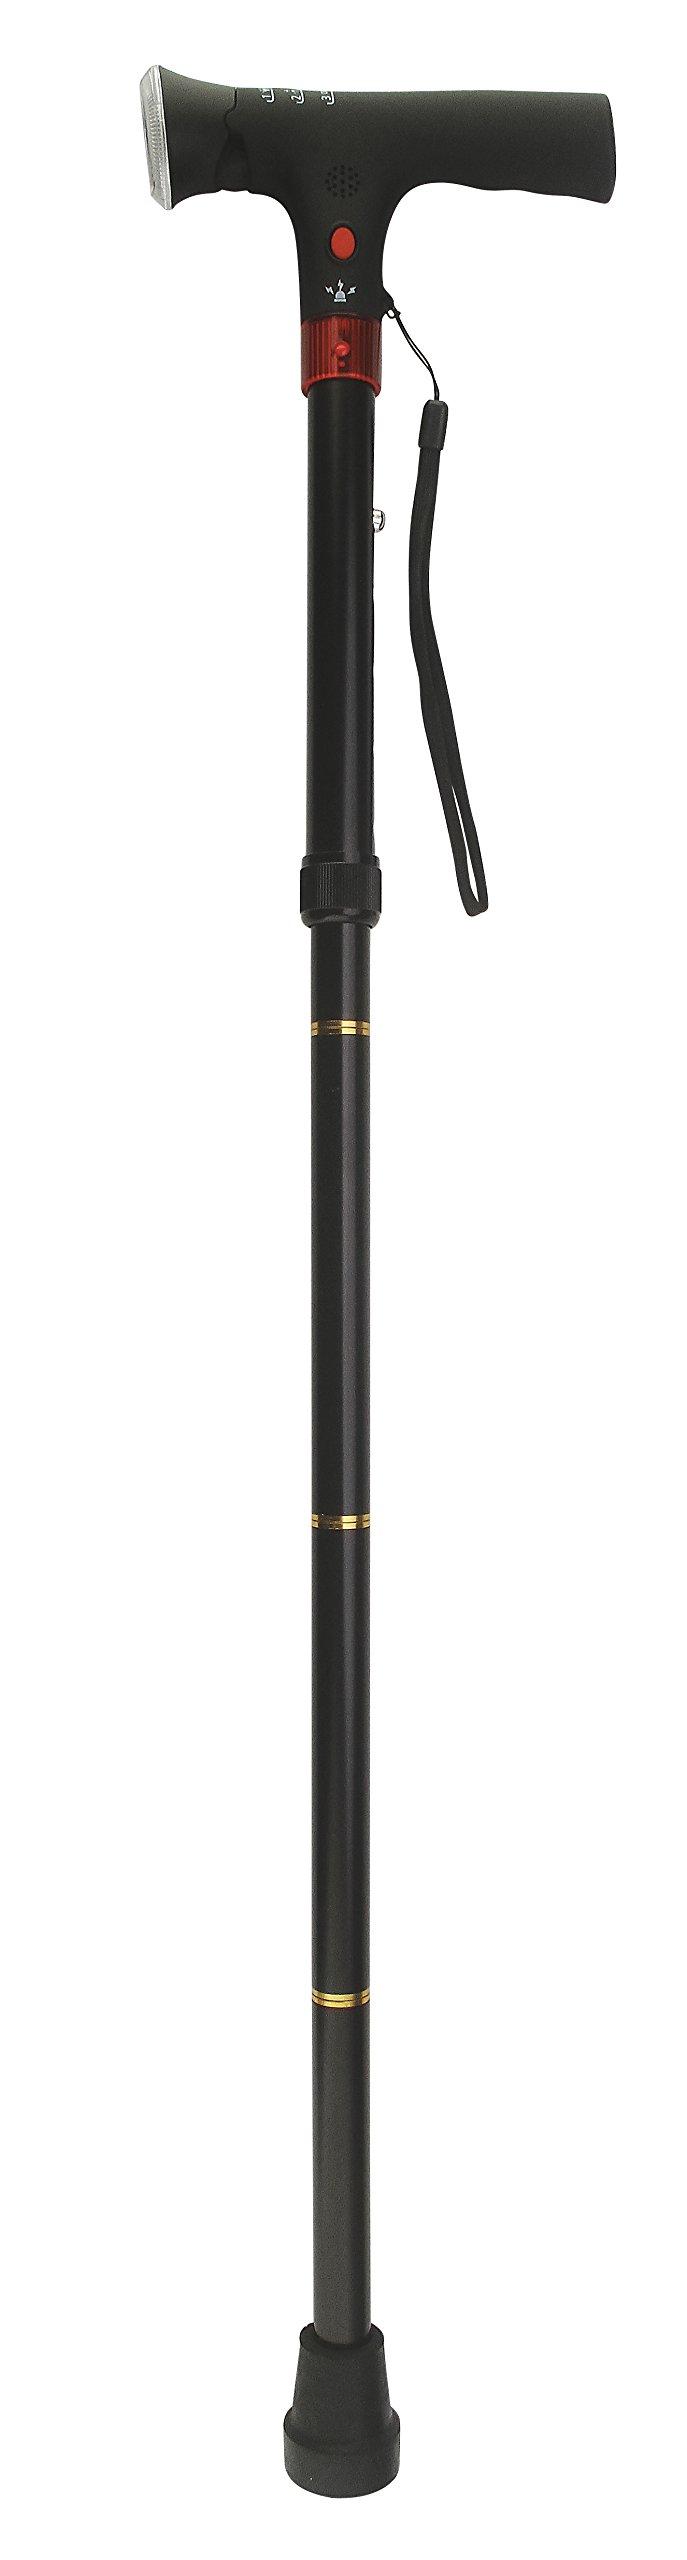 Secure Folding Multifunction Walking Cane with LED Flashlight, Panic Alarm and Alert Light